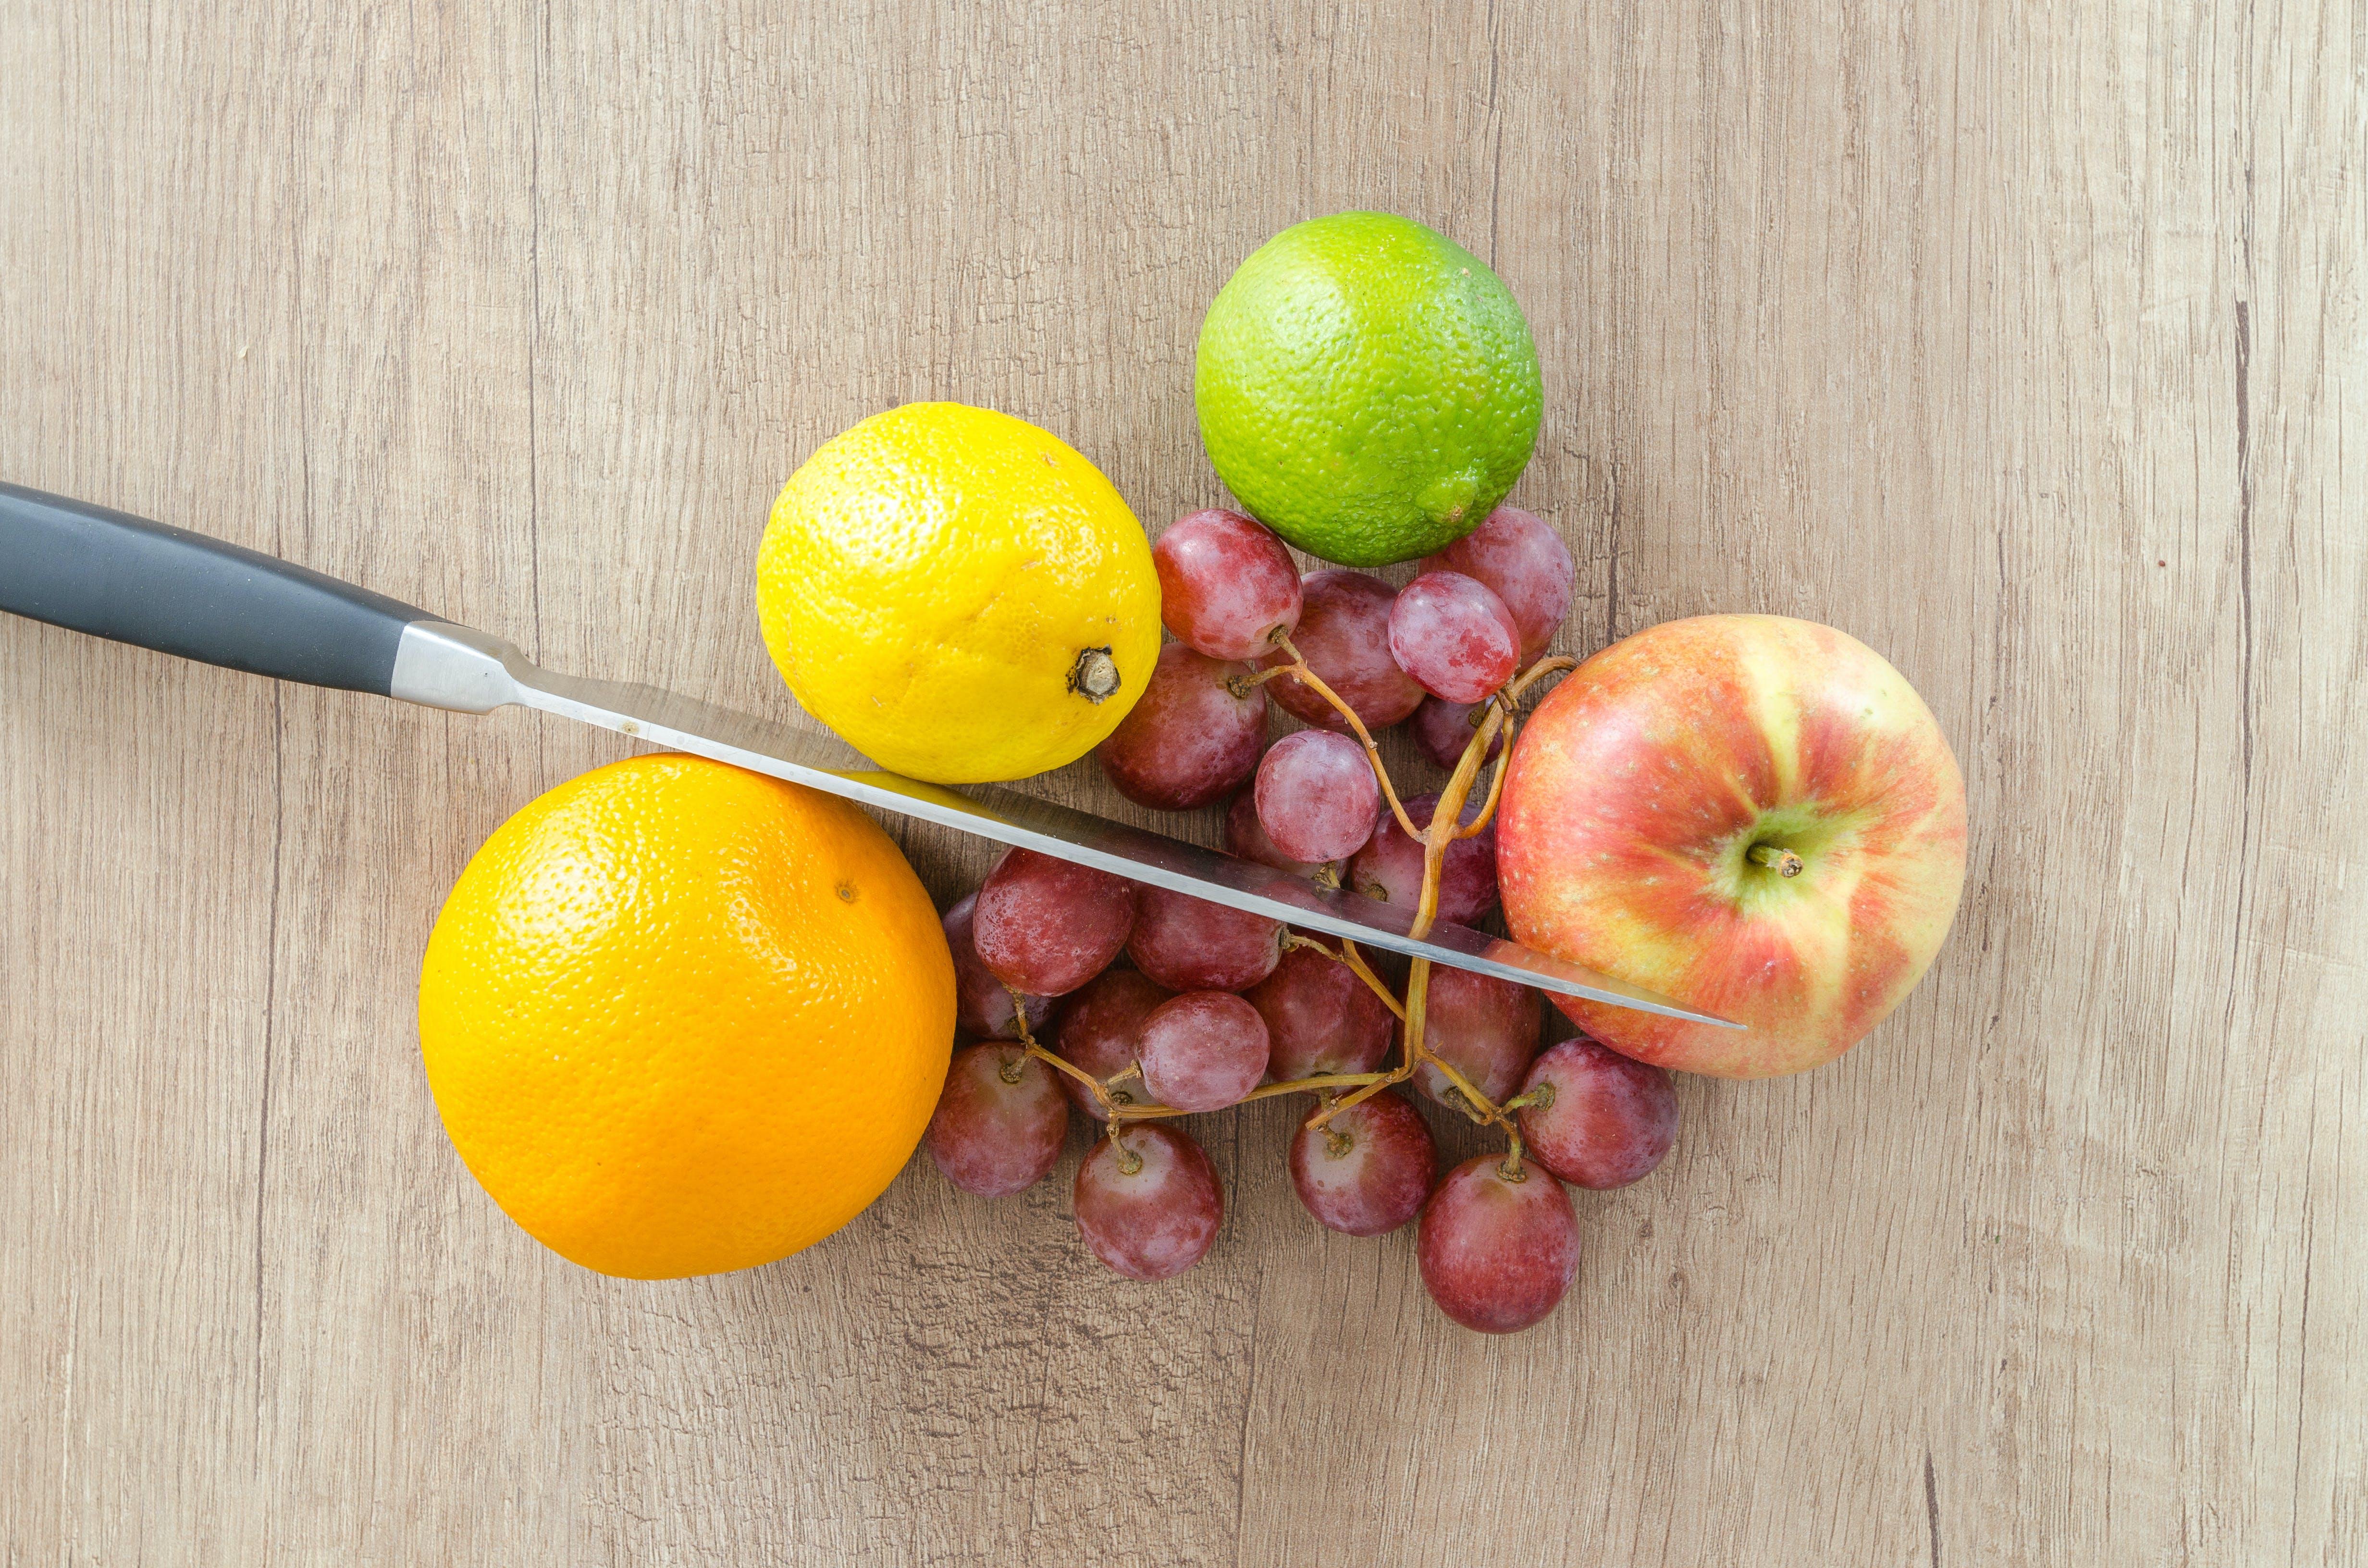 감귤류, 건강한, 과일, 나무의 무료 스톡 사진